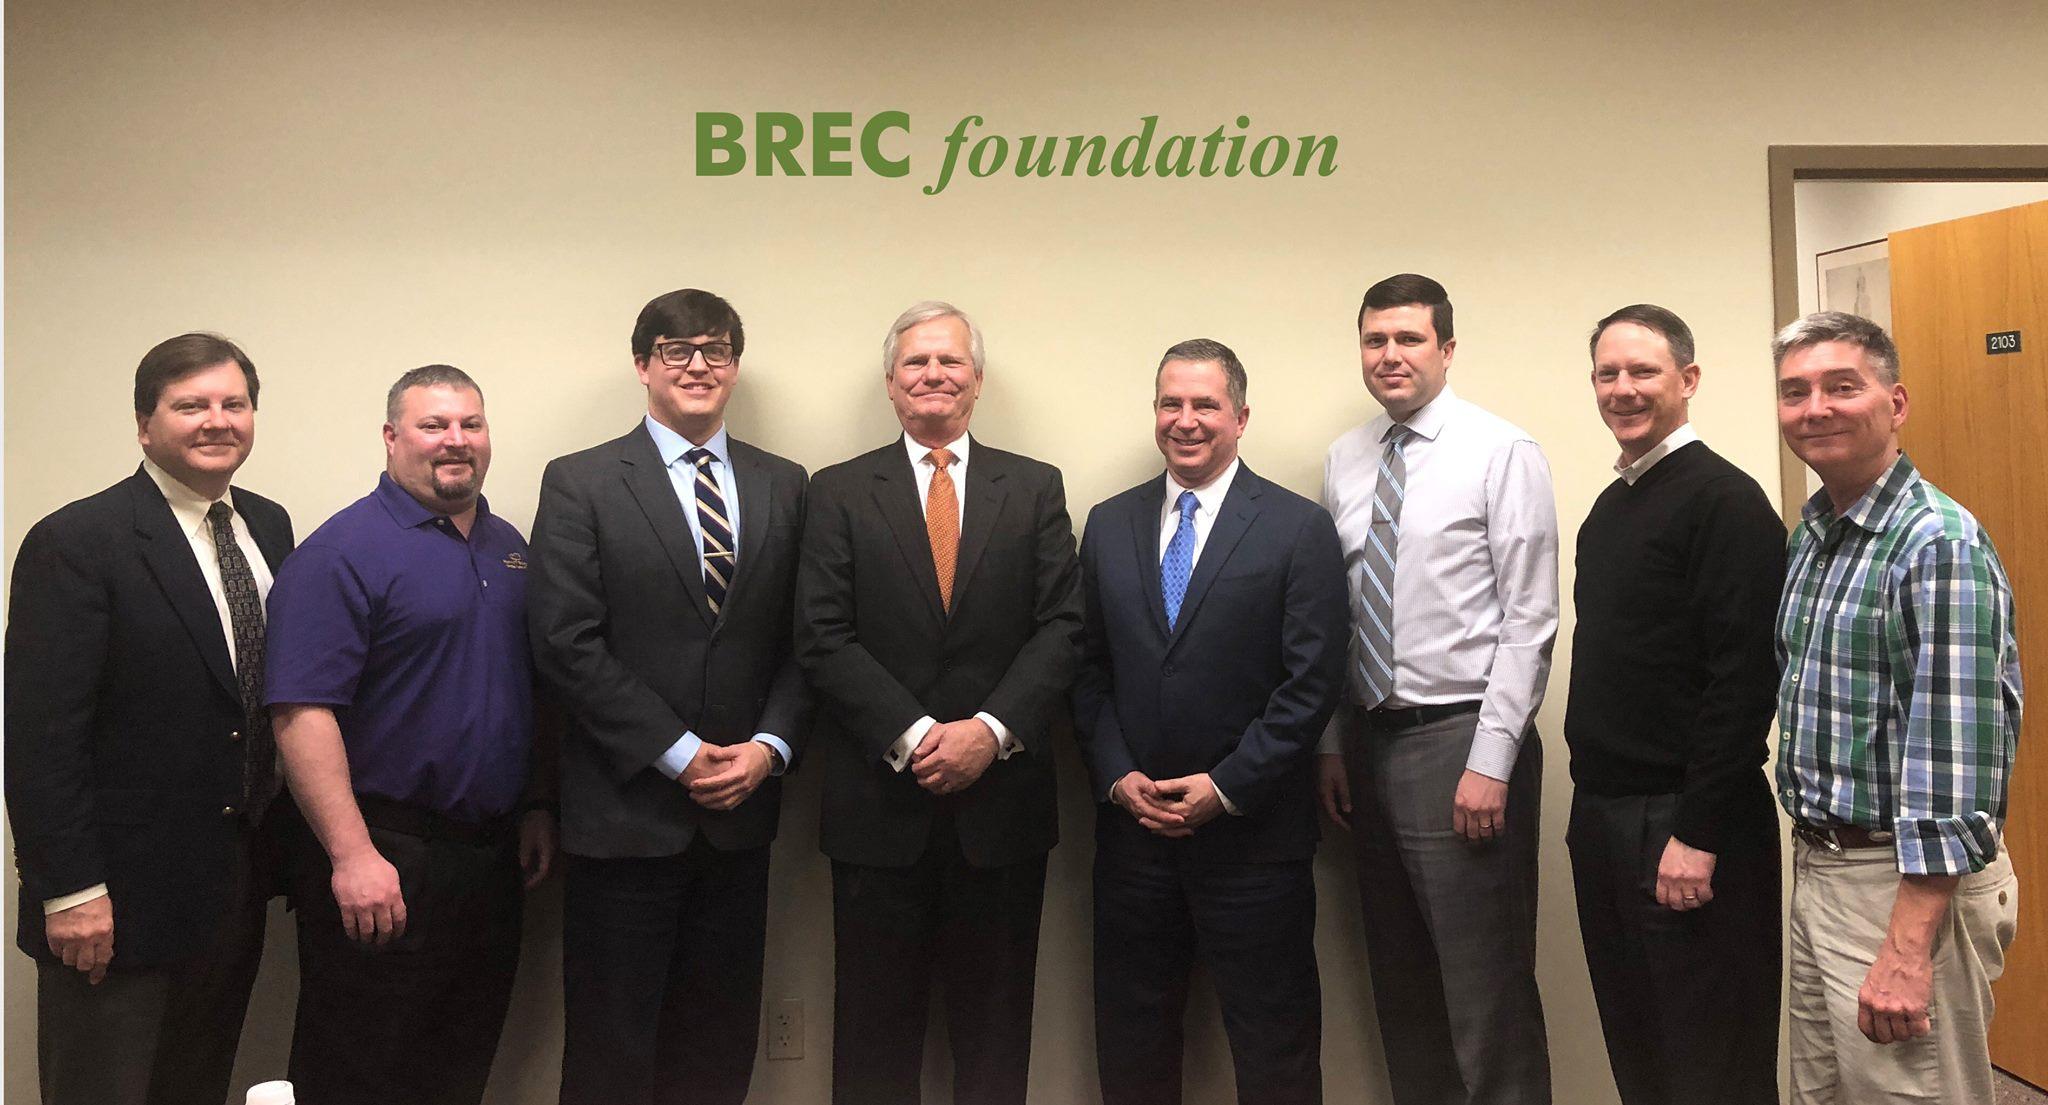 2018-Jacob-BREC Foundation Board of Directors.jpg